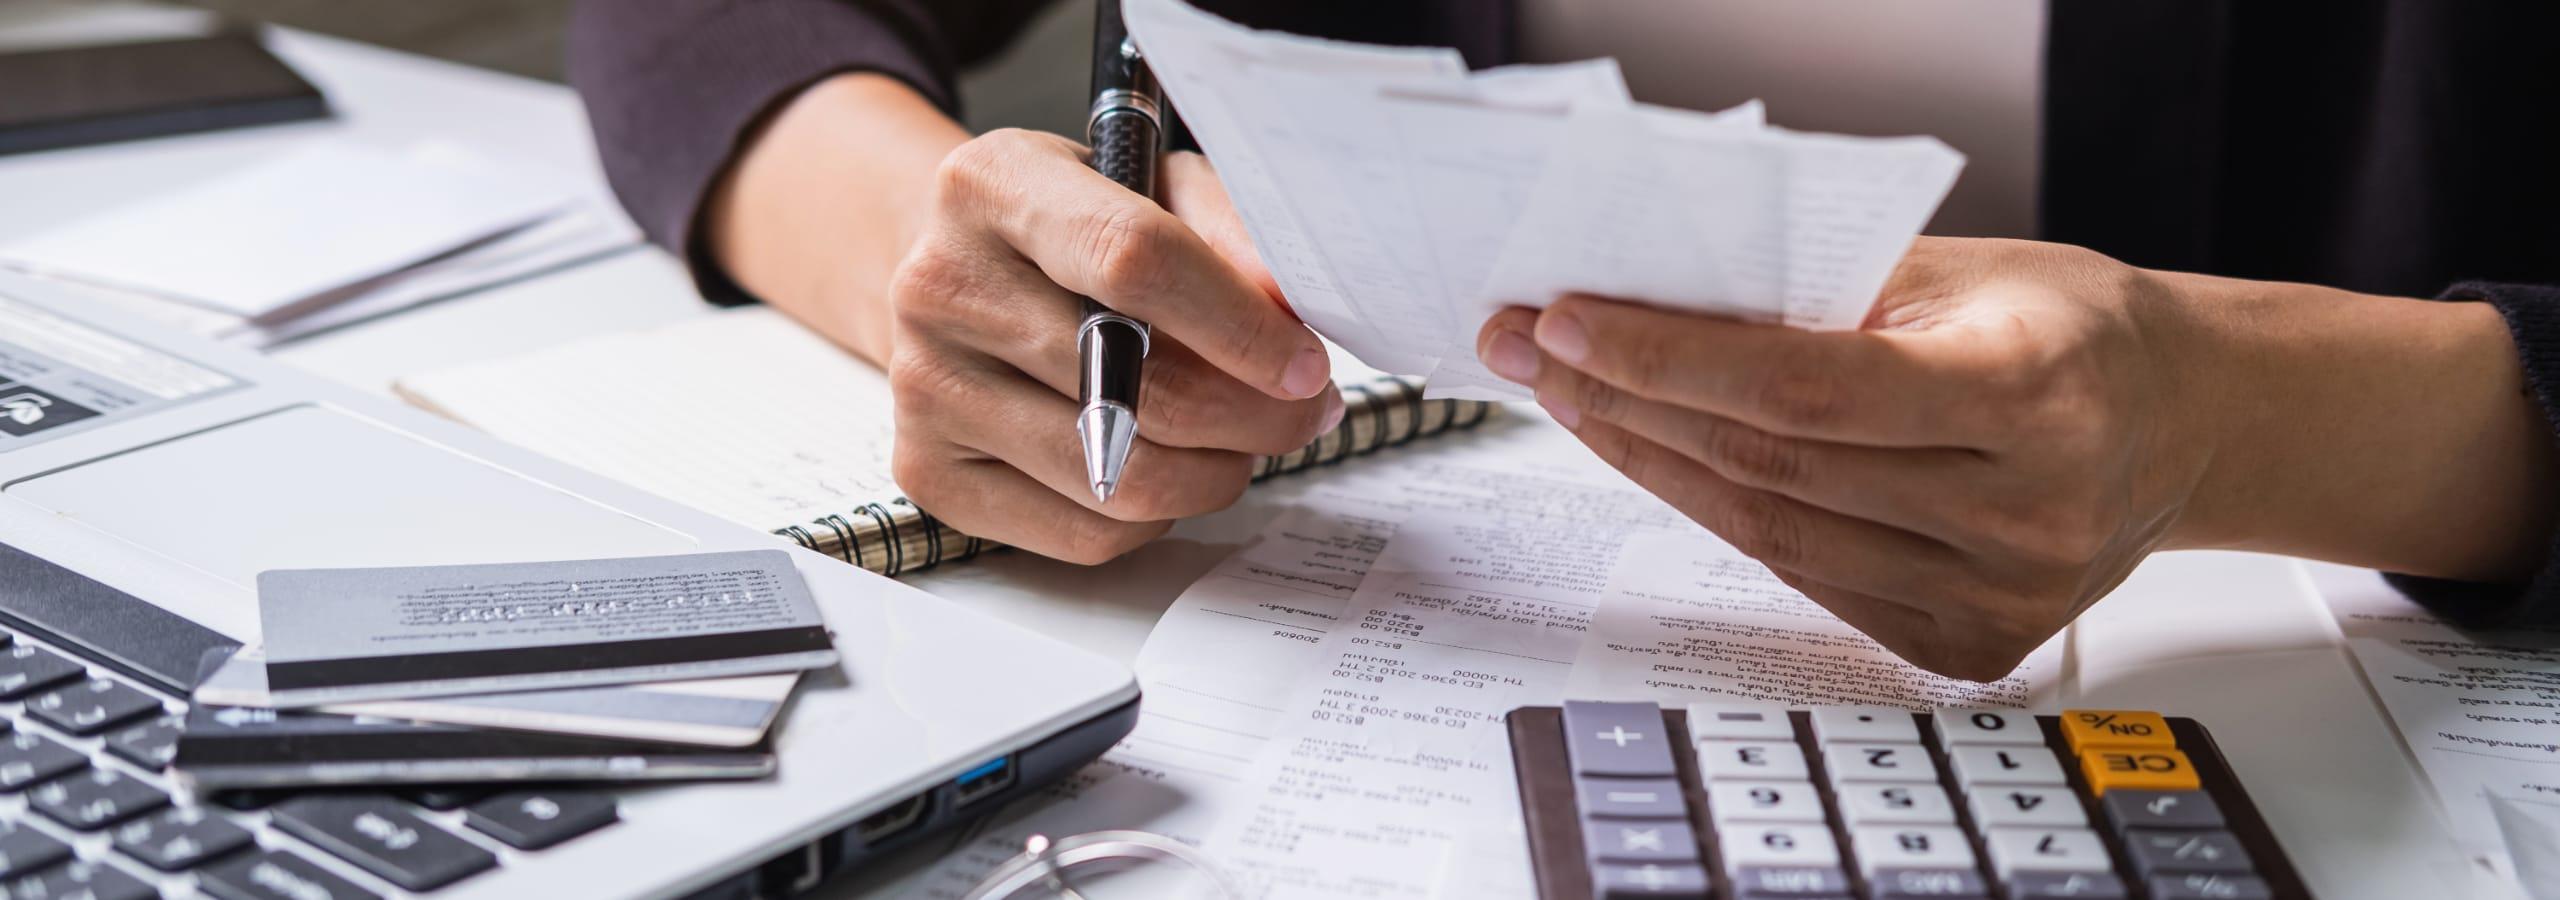 Znaczenie zwiększone procedury compliance